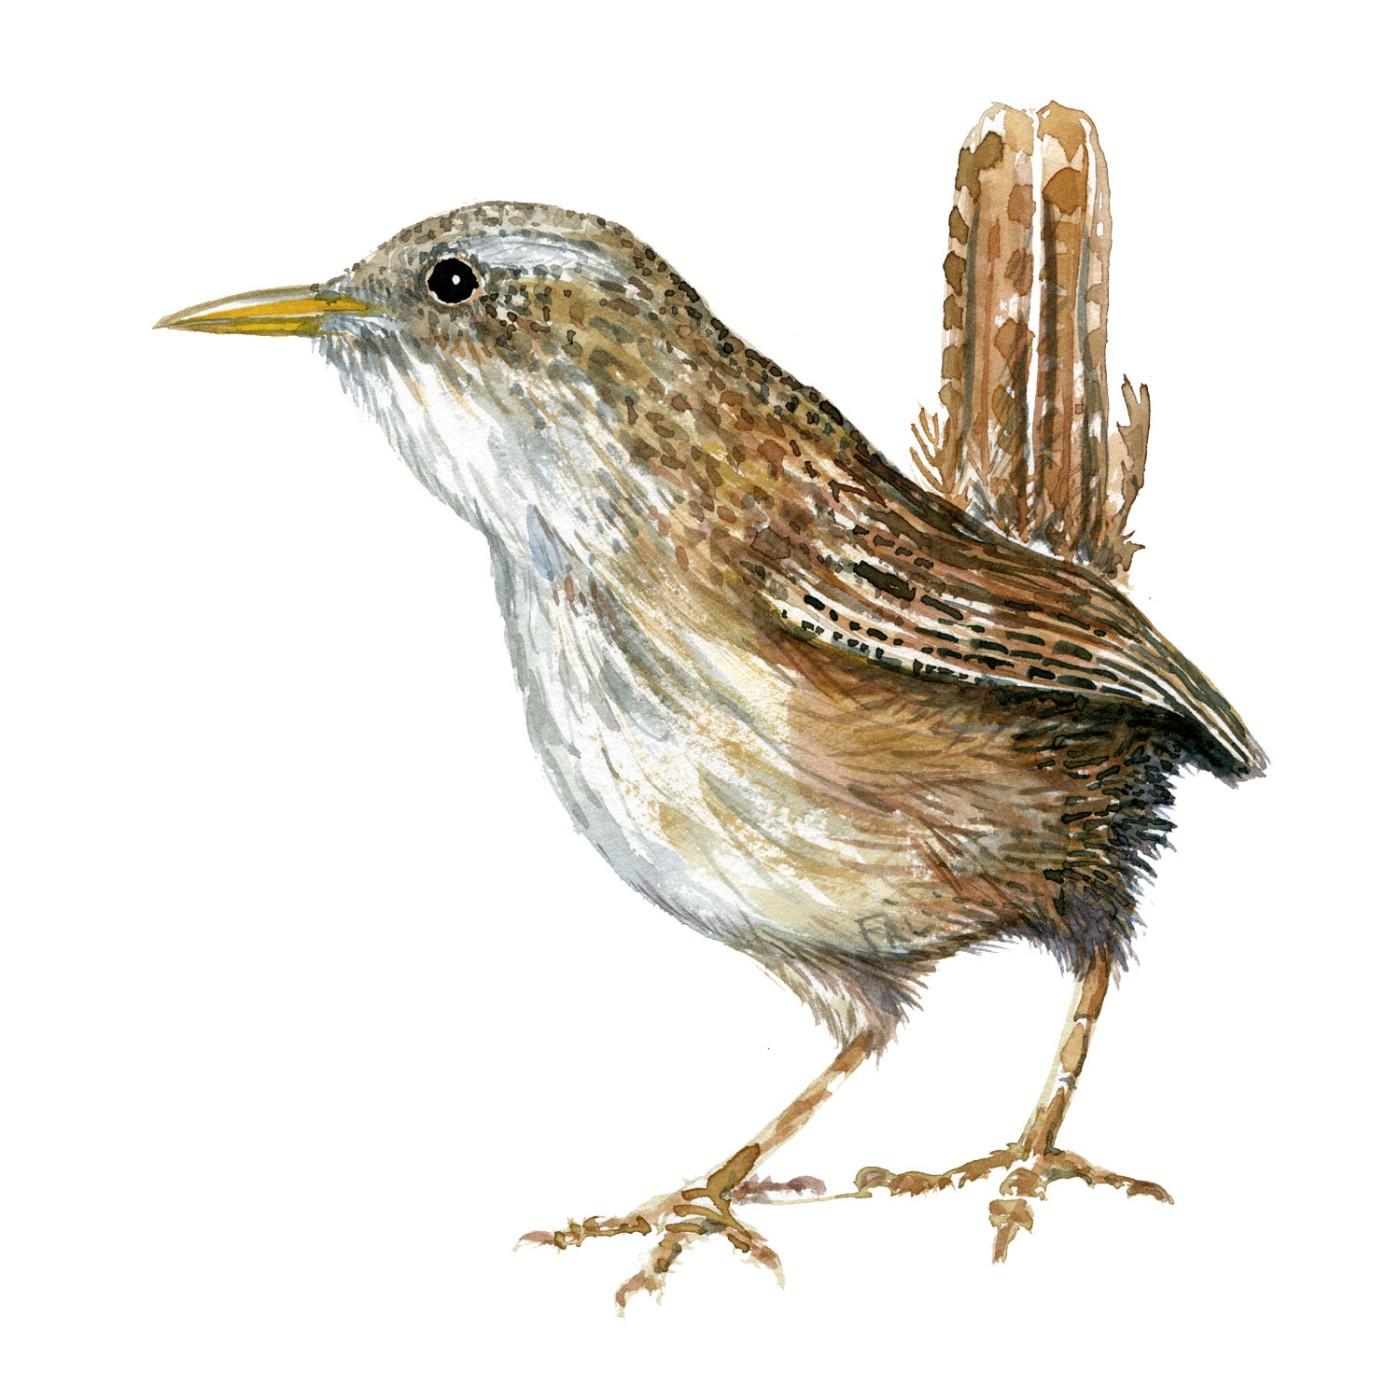 Gærdesmutte fugle illustration. Akvarel af Frits Ahlefeldt. Biodiversitet i Danmark